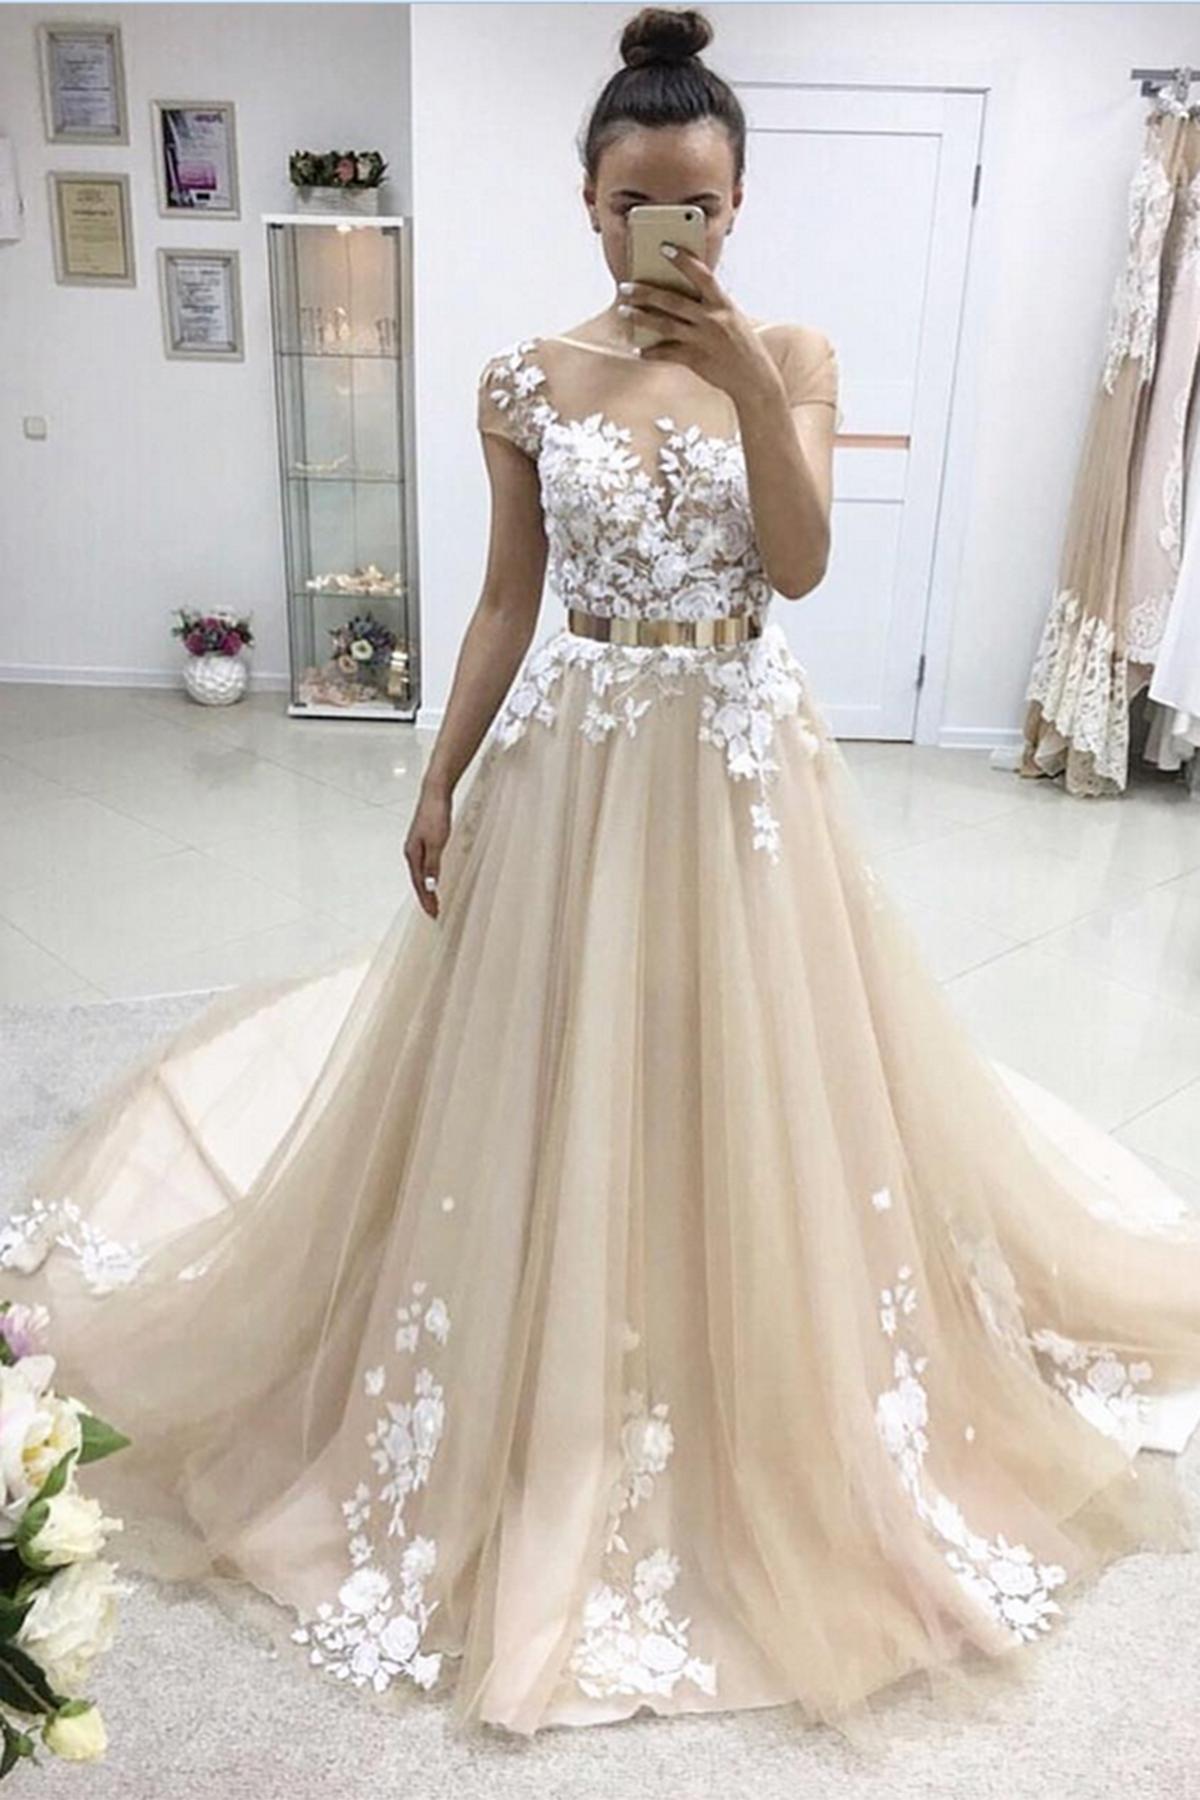 cd8df92649b senior prom dresses 2018 – Fashion dresses